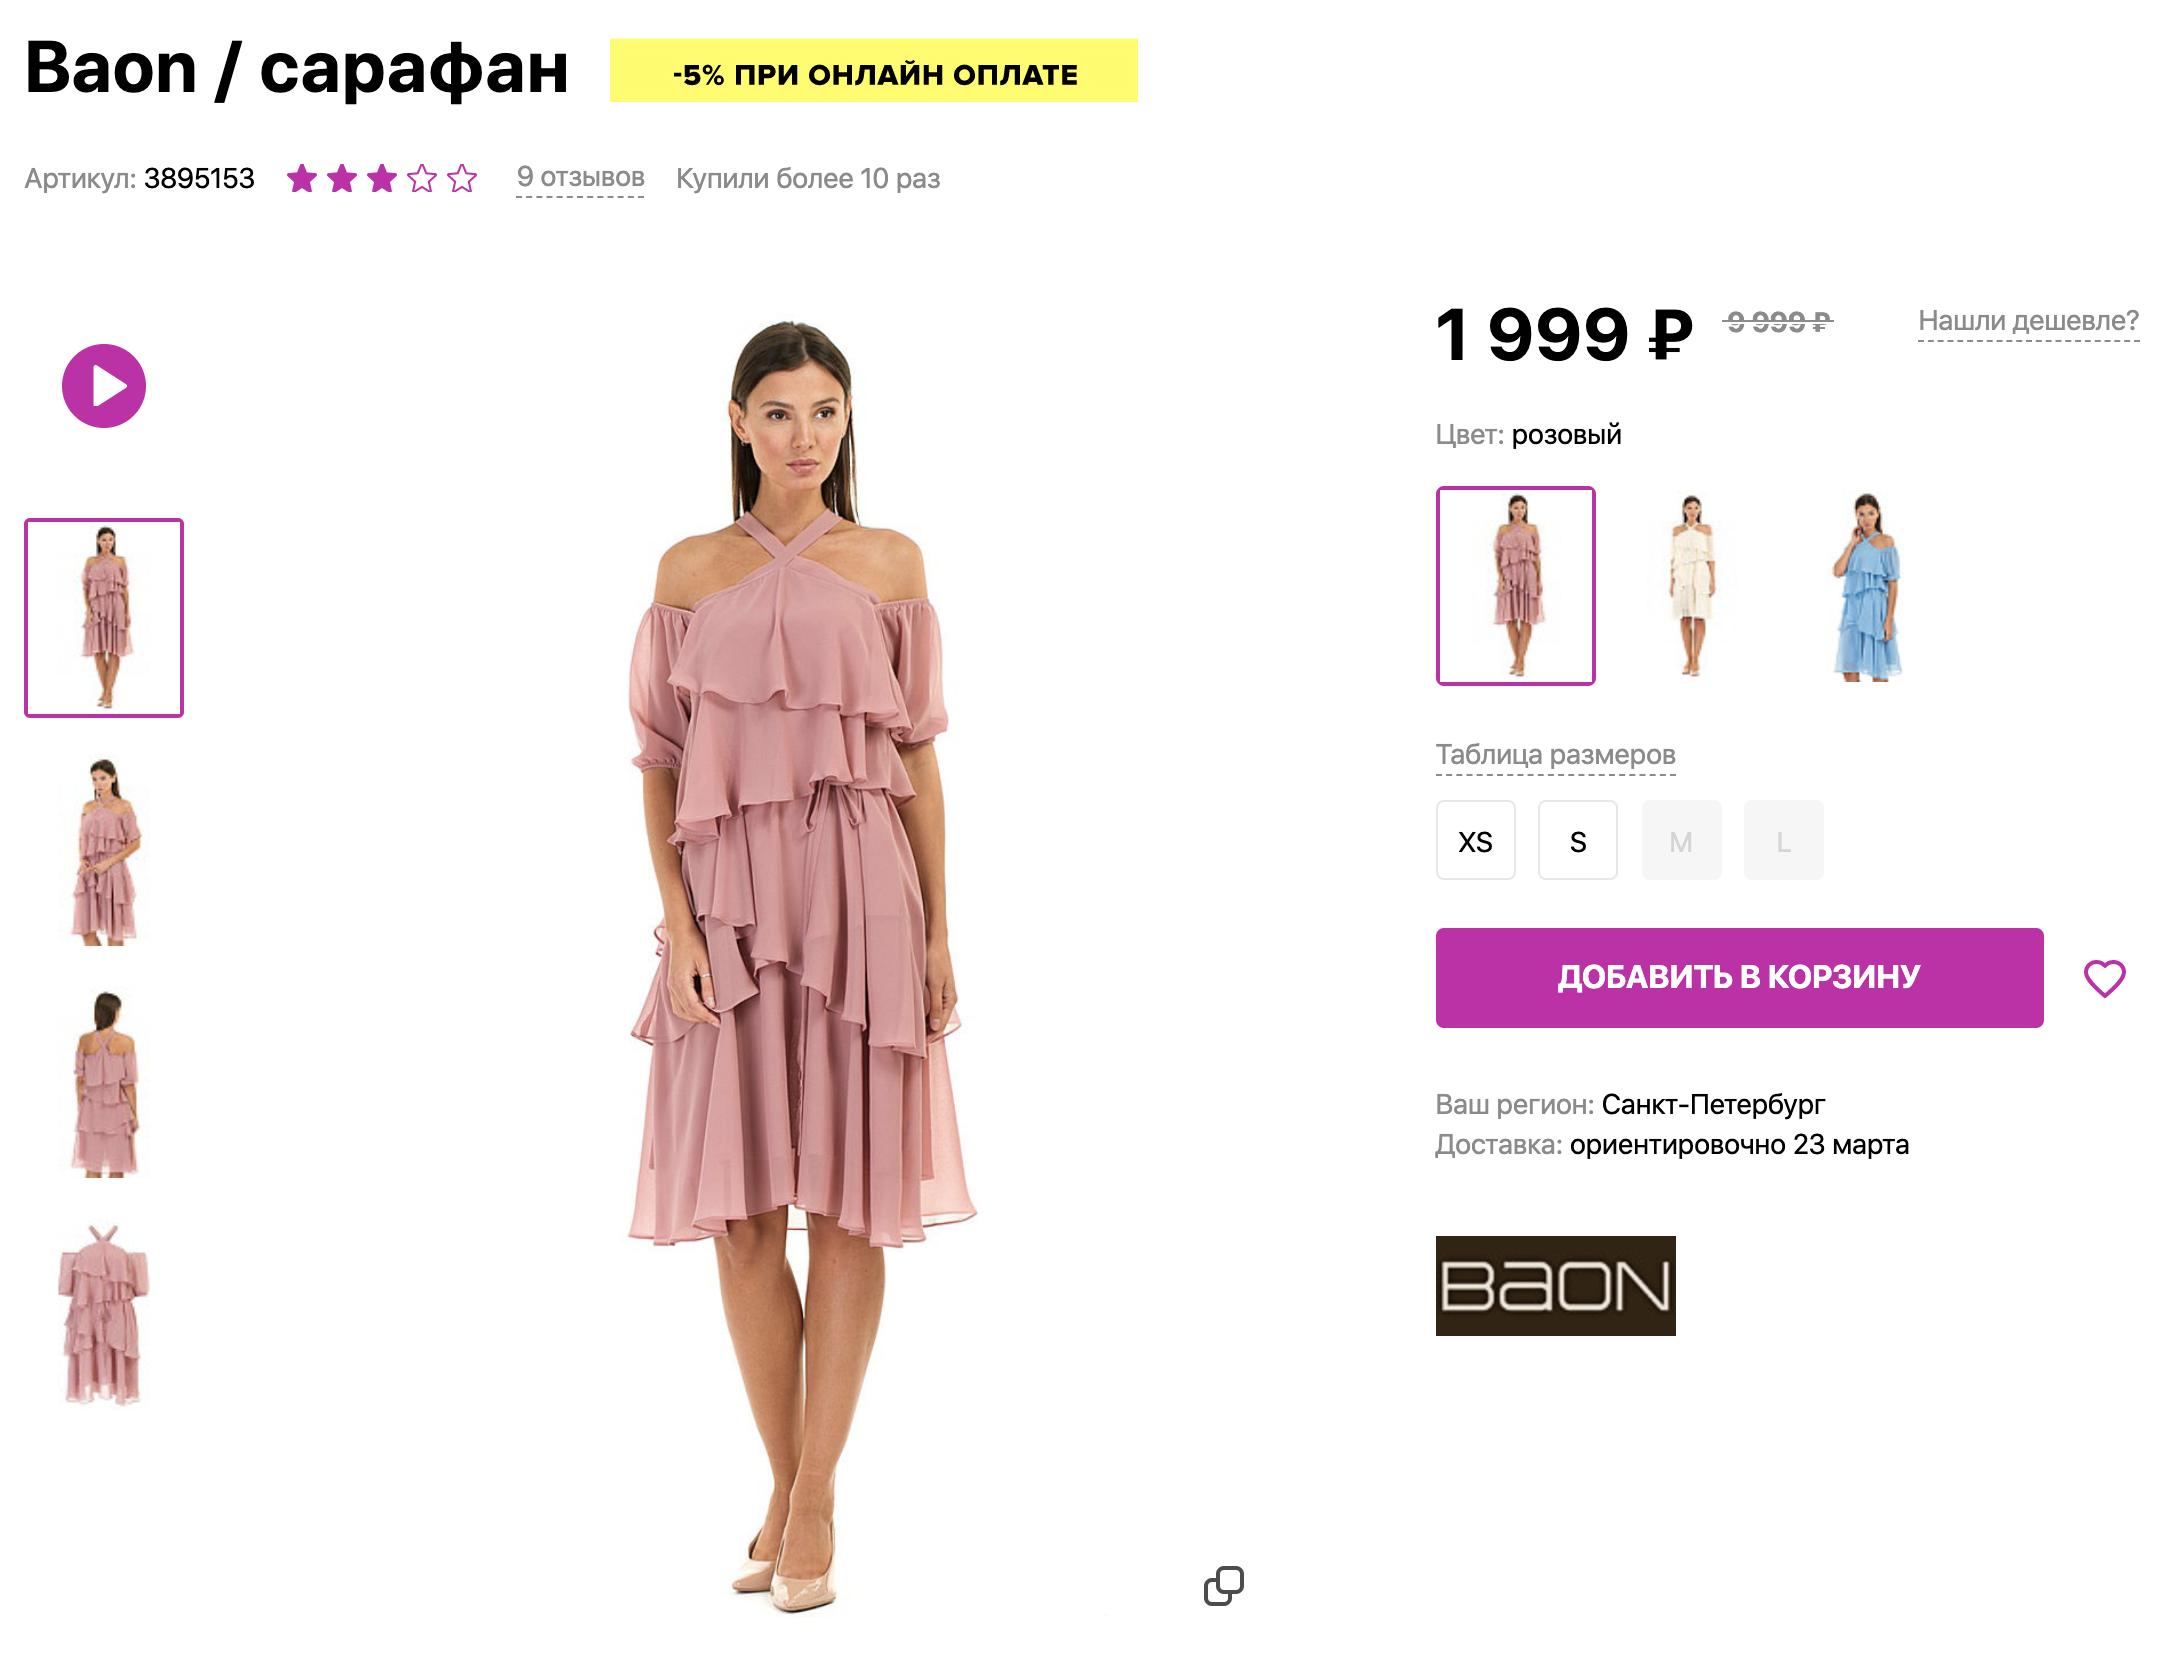 Этого сарафана нет в магазине «Баон» с 2018&nbsp;года, а на «Вайлдберриз» он до сих пор продается за 1999<span class=ruble>Р</span> вместо 9999<span class=ruble>Р</span>